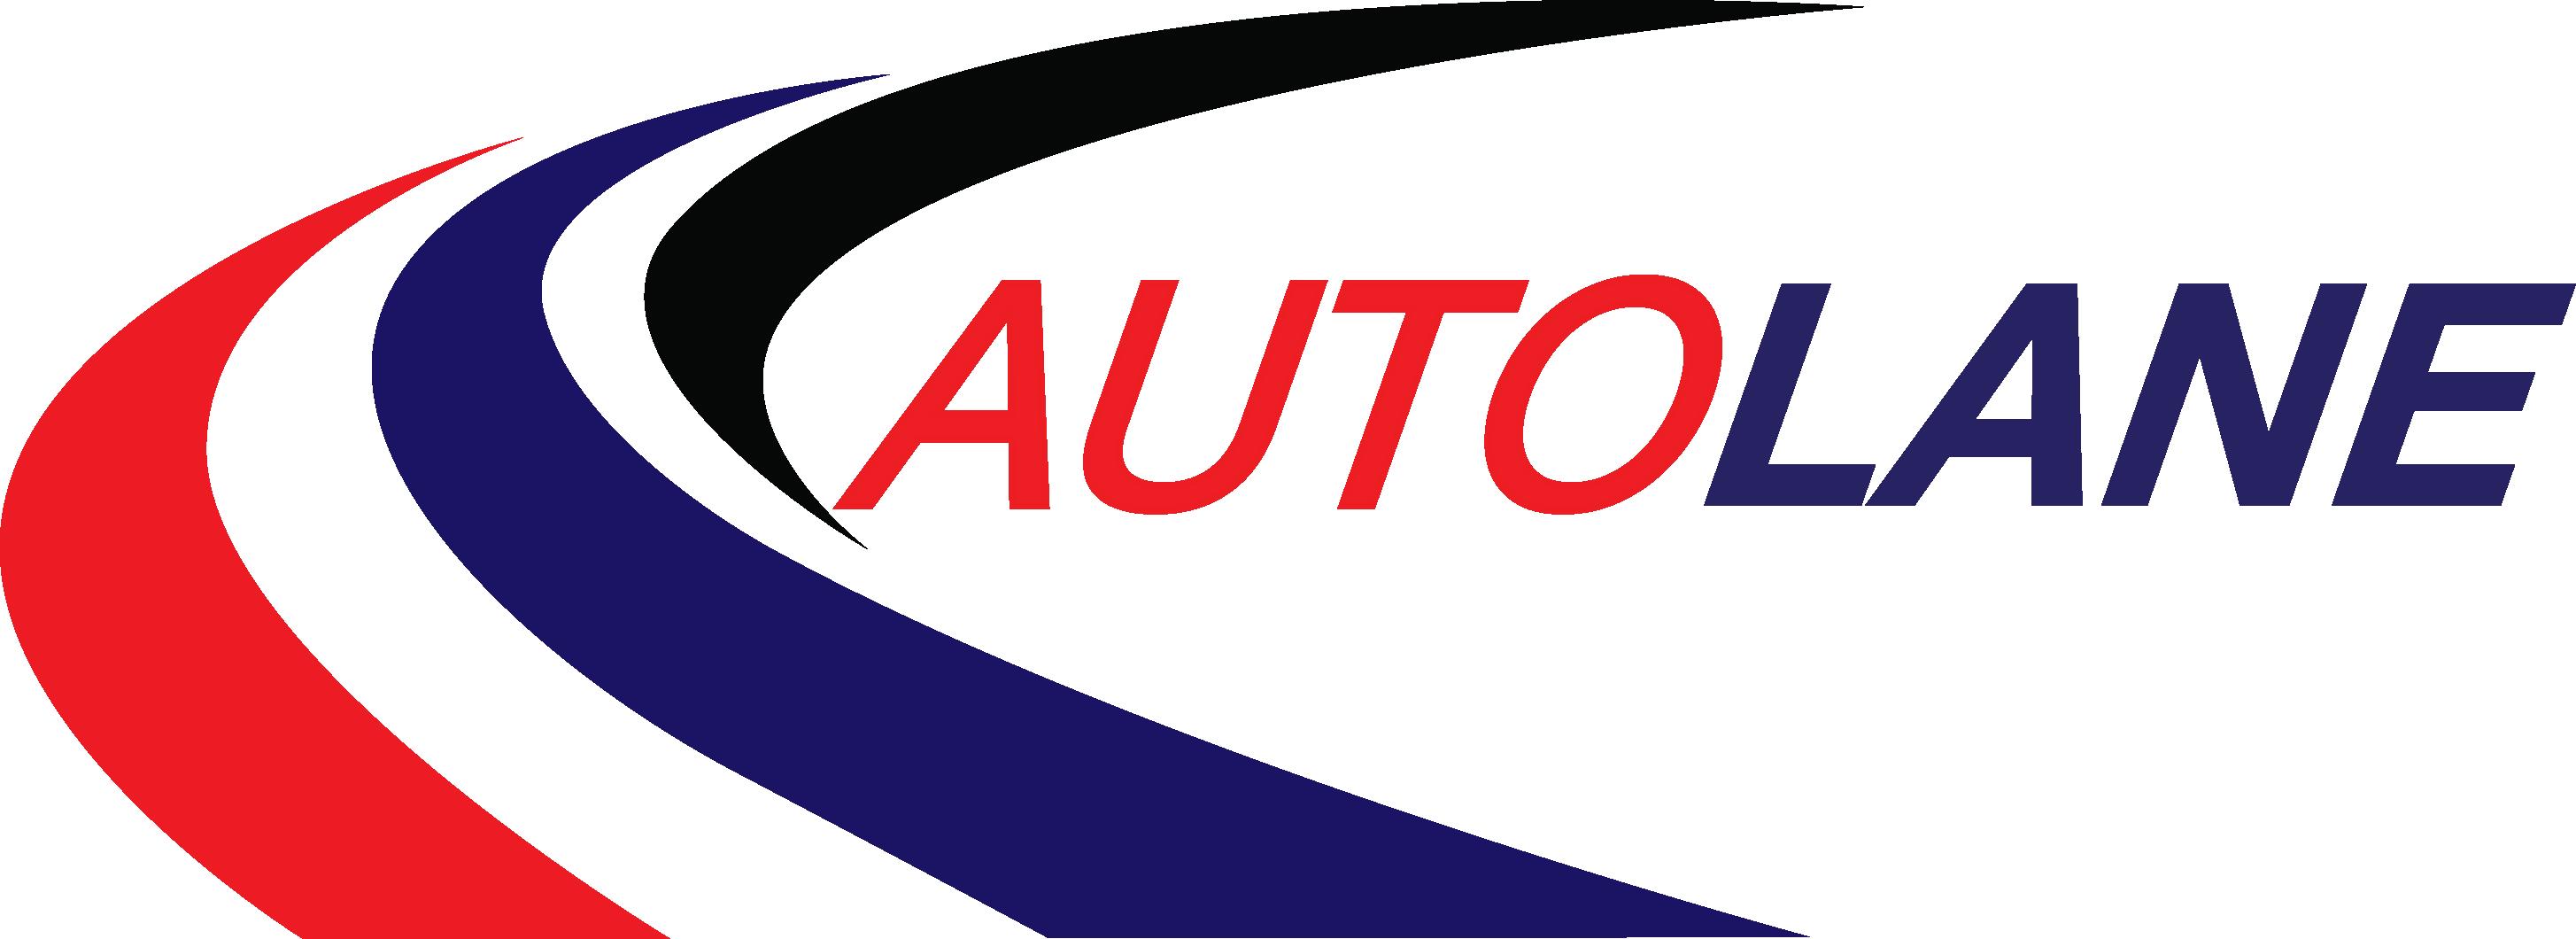 AUTOLANE